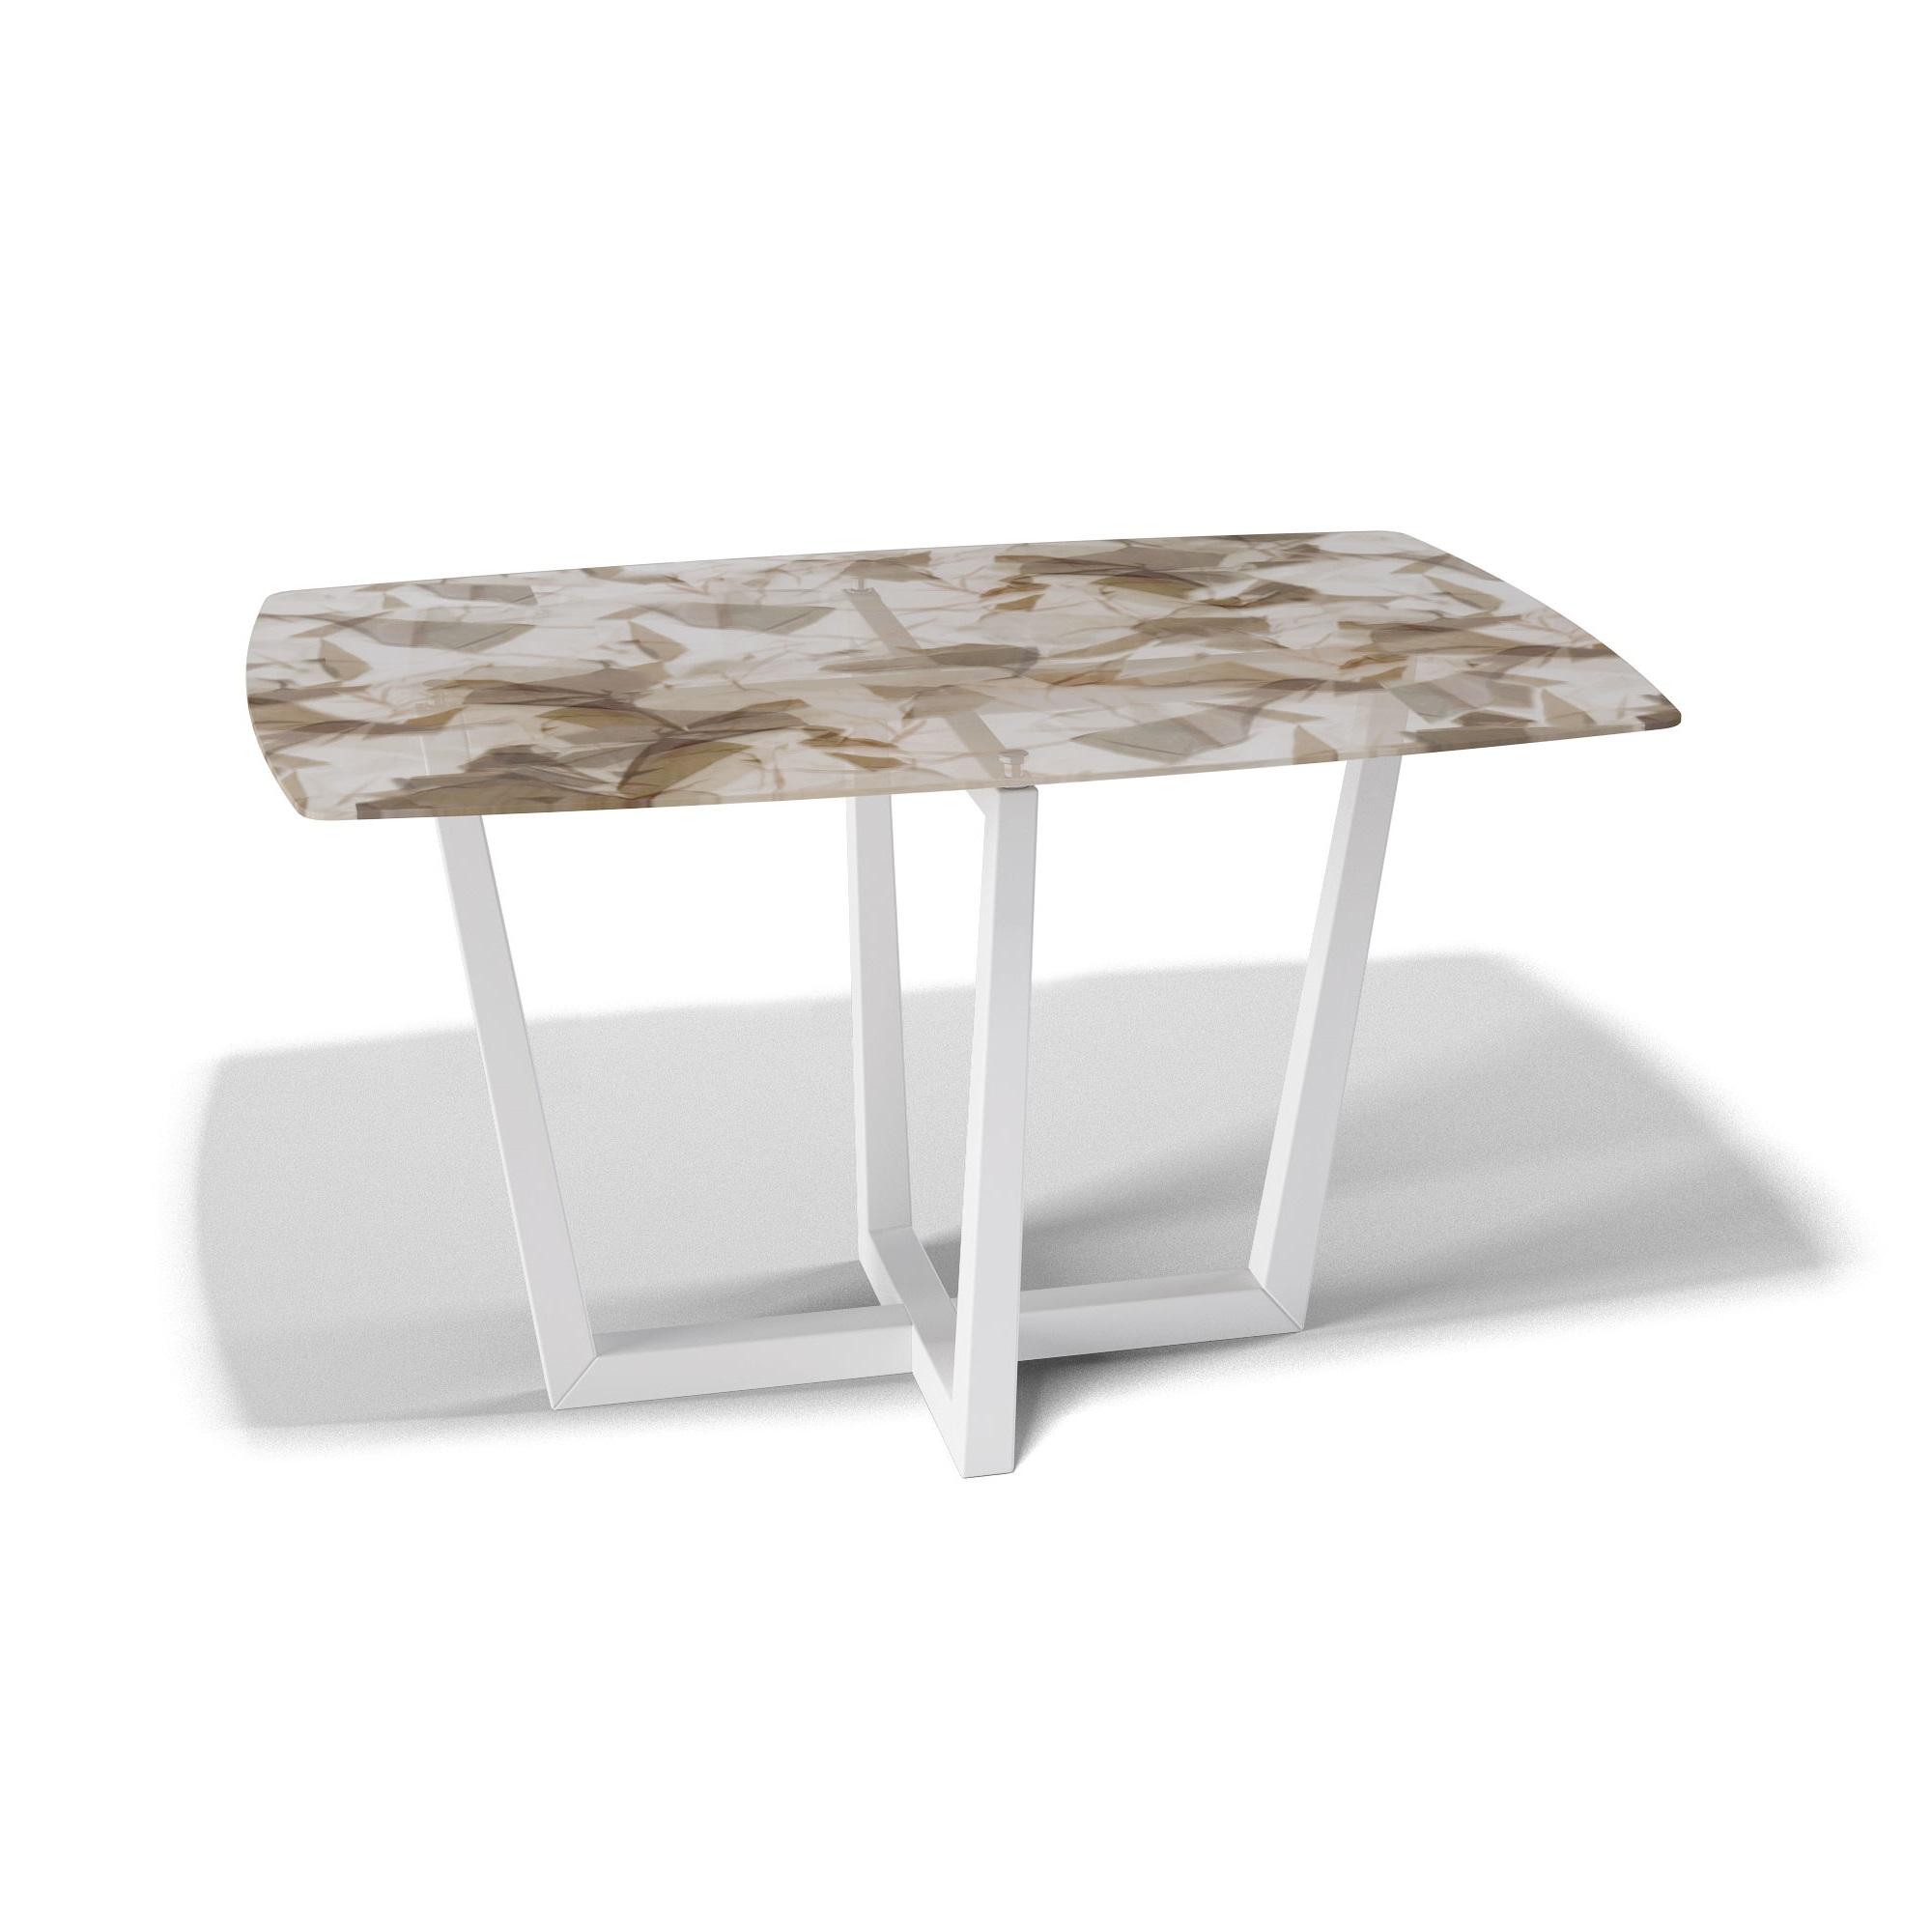 Стол обеденный KennerОбеденные столы<br>Столешница выполнена из стекла &amp;quot;триплекс&amp;quot;(6 мм - два или более органических или силикатных стекла, склеенные между собой специальной полимерной плёнкой, способной при ударе удерживать осколки)  с тканью внутри.&amp;lt;div&amp;gt;Основание выполнено массива бука. Стекло не боится влаги, бытовой химии, выдерживает перепады на горячие и холодные температуры.&amp;amp;nbsp;&amp;lt;/div&amp;gt;&amp;lt;div&amp;gt;За таким столом могут разместиться 6 человек.&amp;lt;/div&amp;gt;<br><br>Material: Дерево